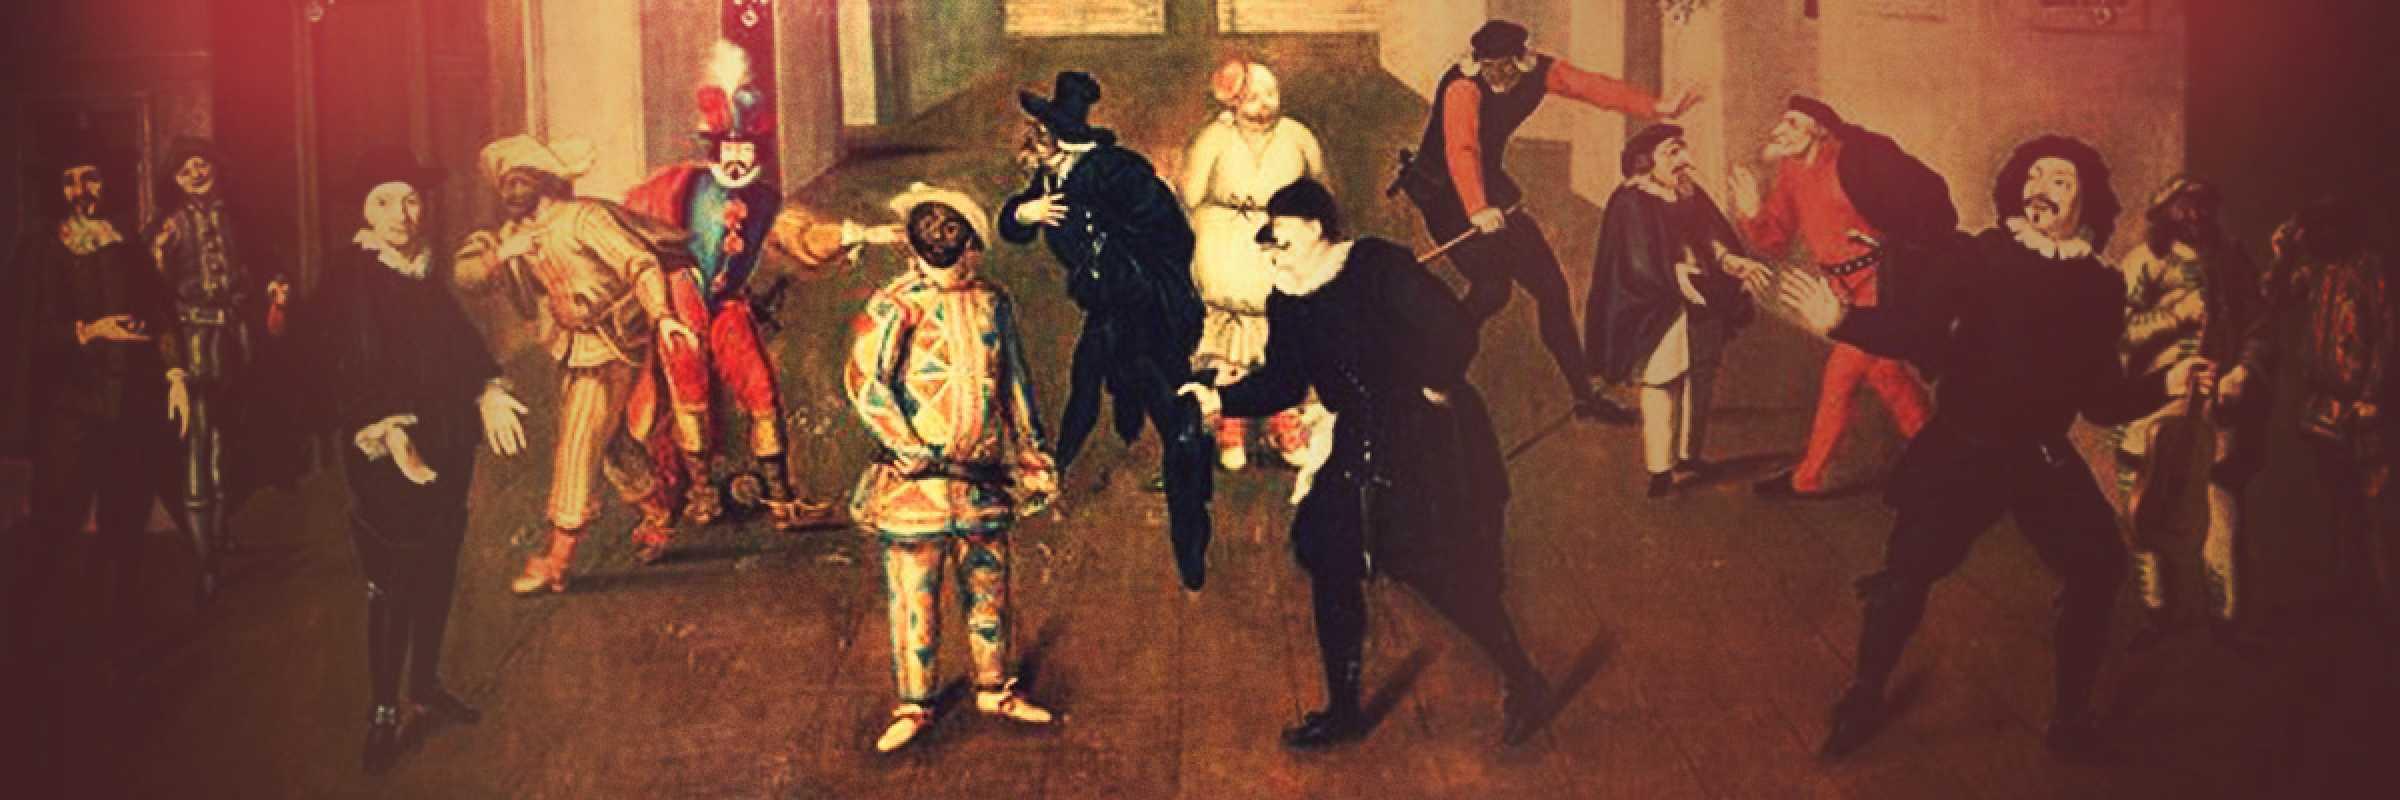 Quadro raffigurante alcune della maschere tipiche della commedia dell'arte. Artista anonimo.